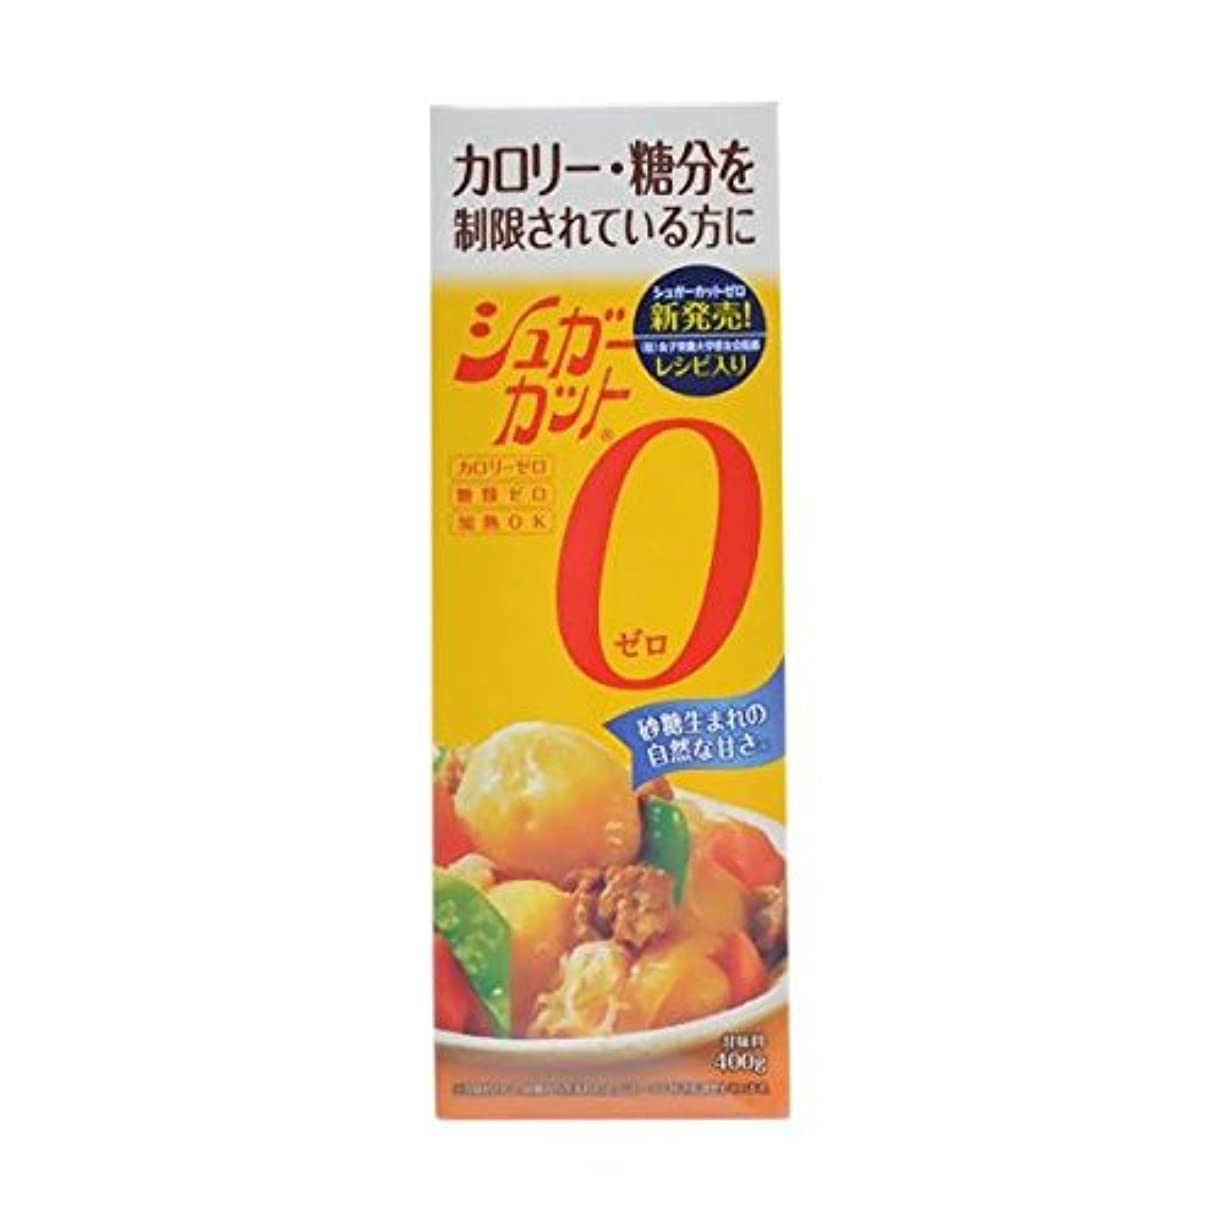 テクトニックなぜ死にかけている浅田飴 シュガーカットゼロ 400g【2個セット】